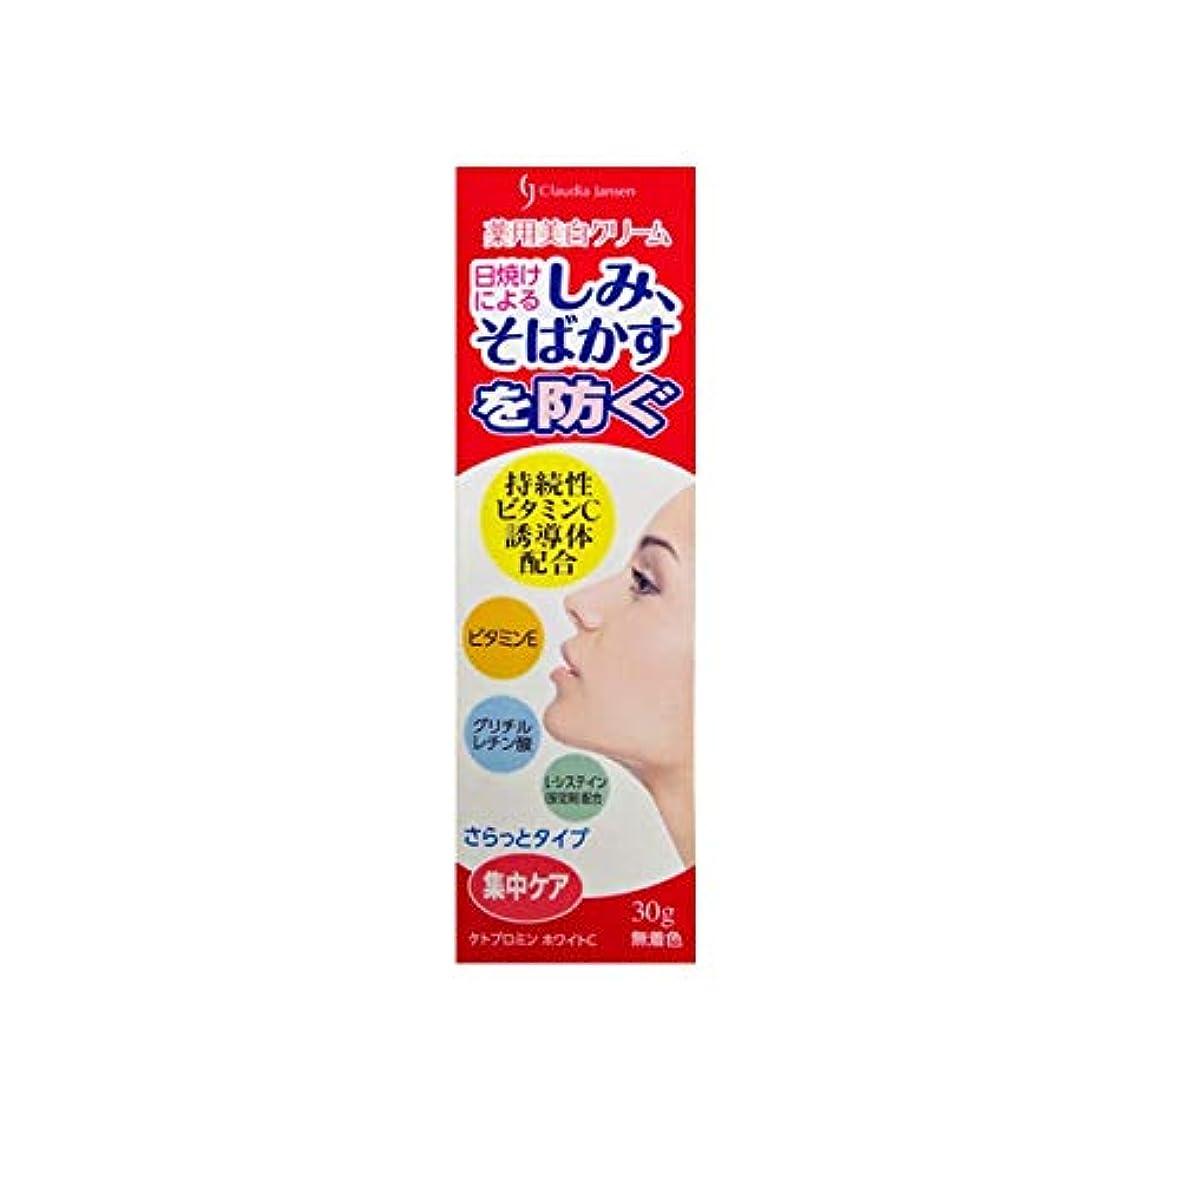 ロータリーオーラル六三友薬品 医薬部外品 薬用ホワイトニングクリームC 30g